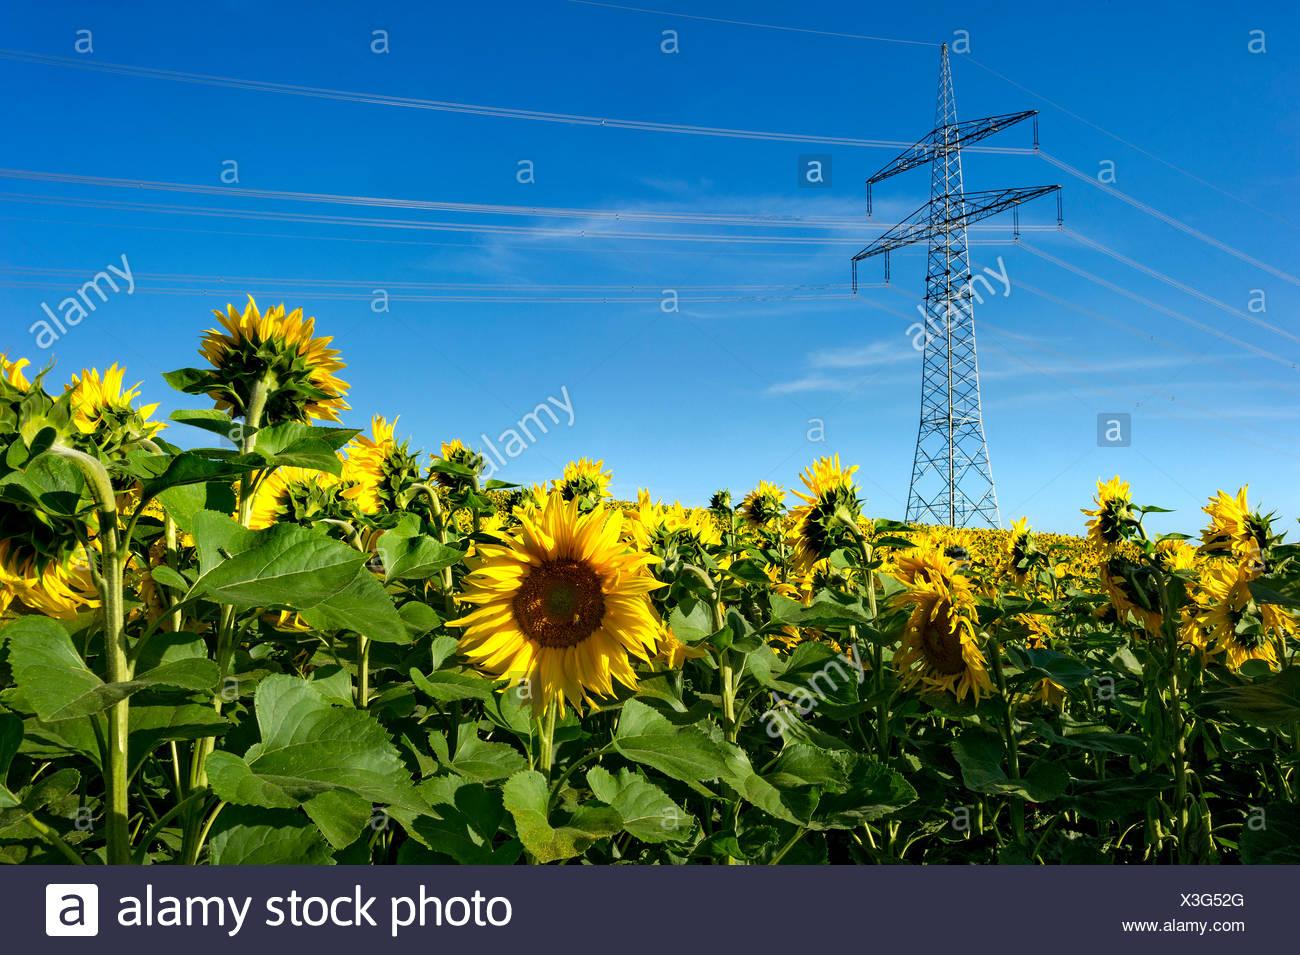 Strom-Übertragungsleitung durch ein Feld von Sonnenblumen, Altomünster, Upper Bavaria, Bavaria, Germany Stockbild